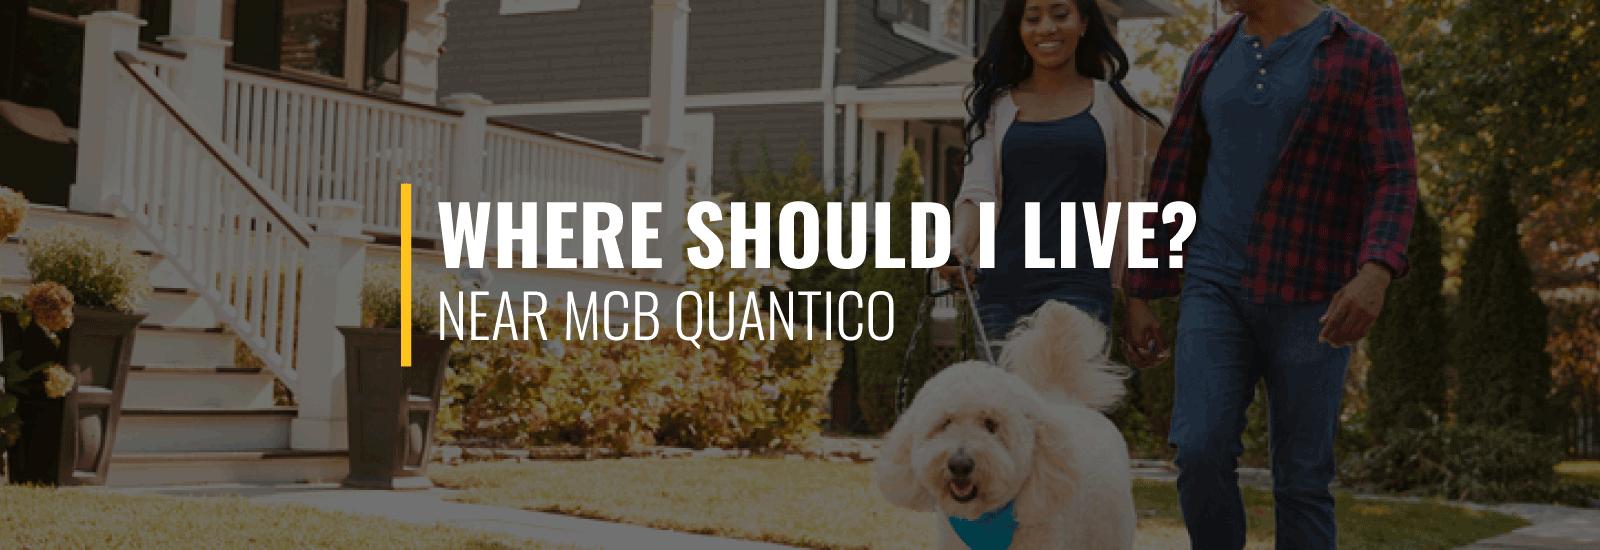 Where Should I Live Near Quantico MCB